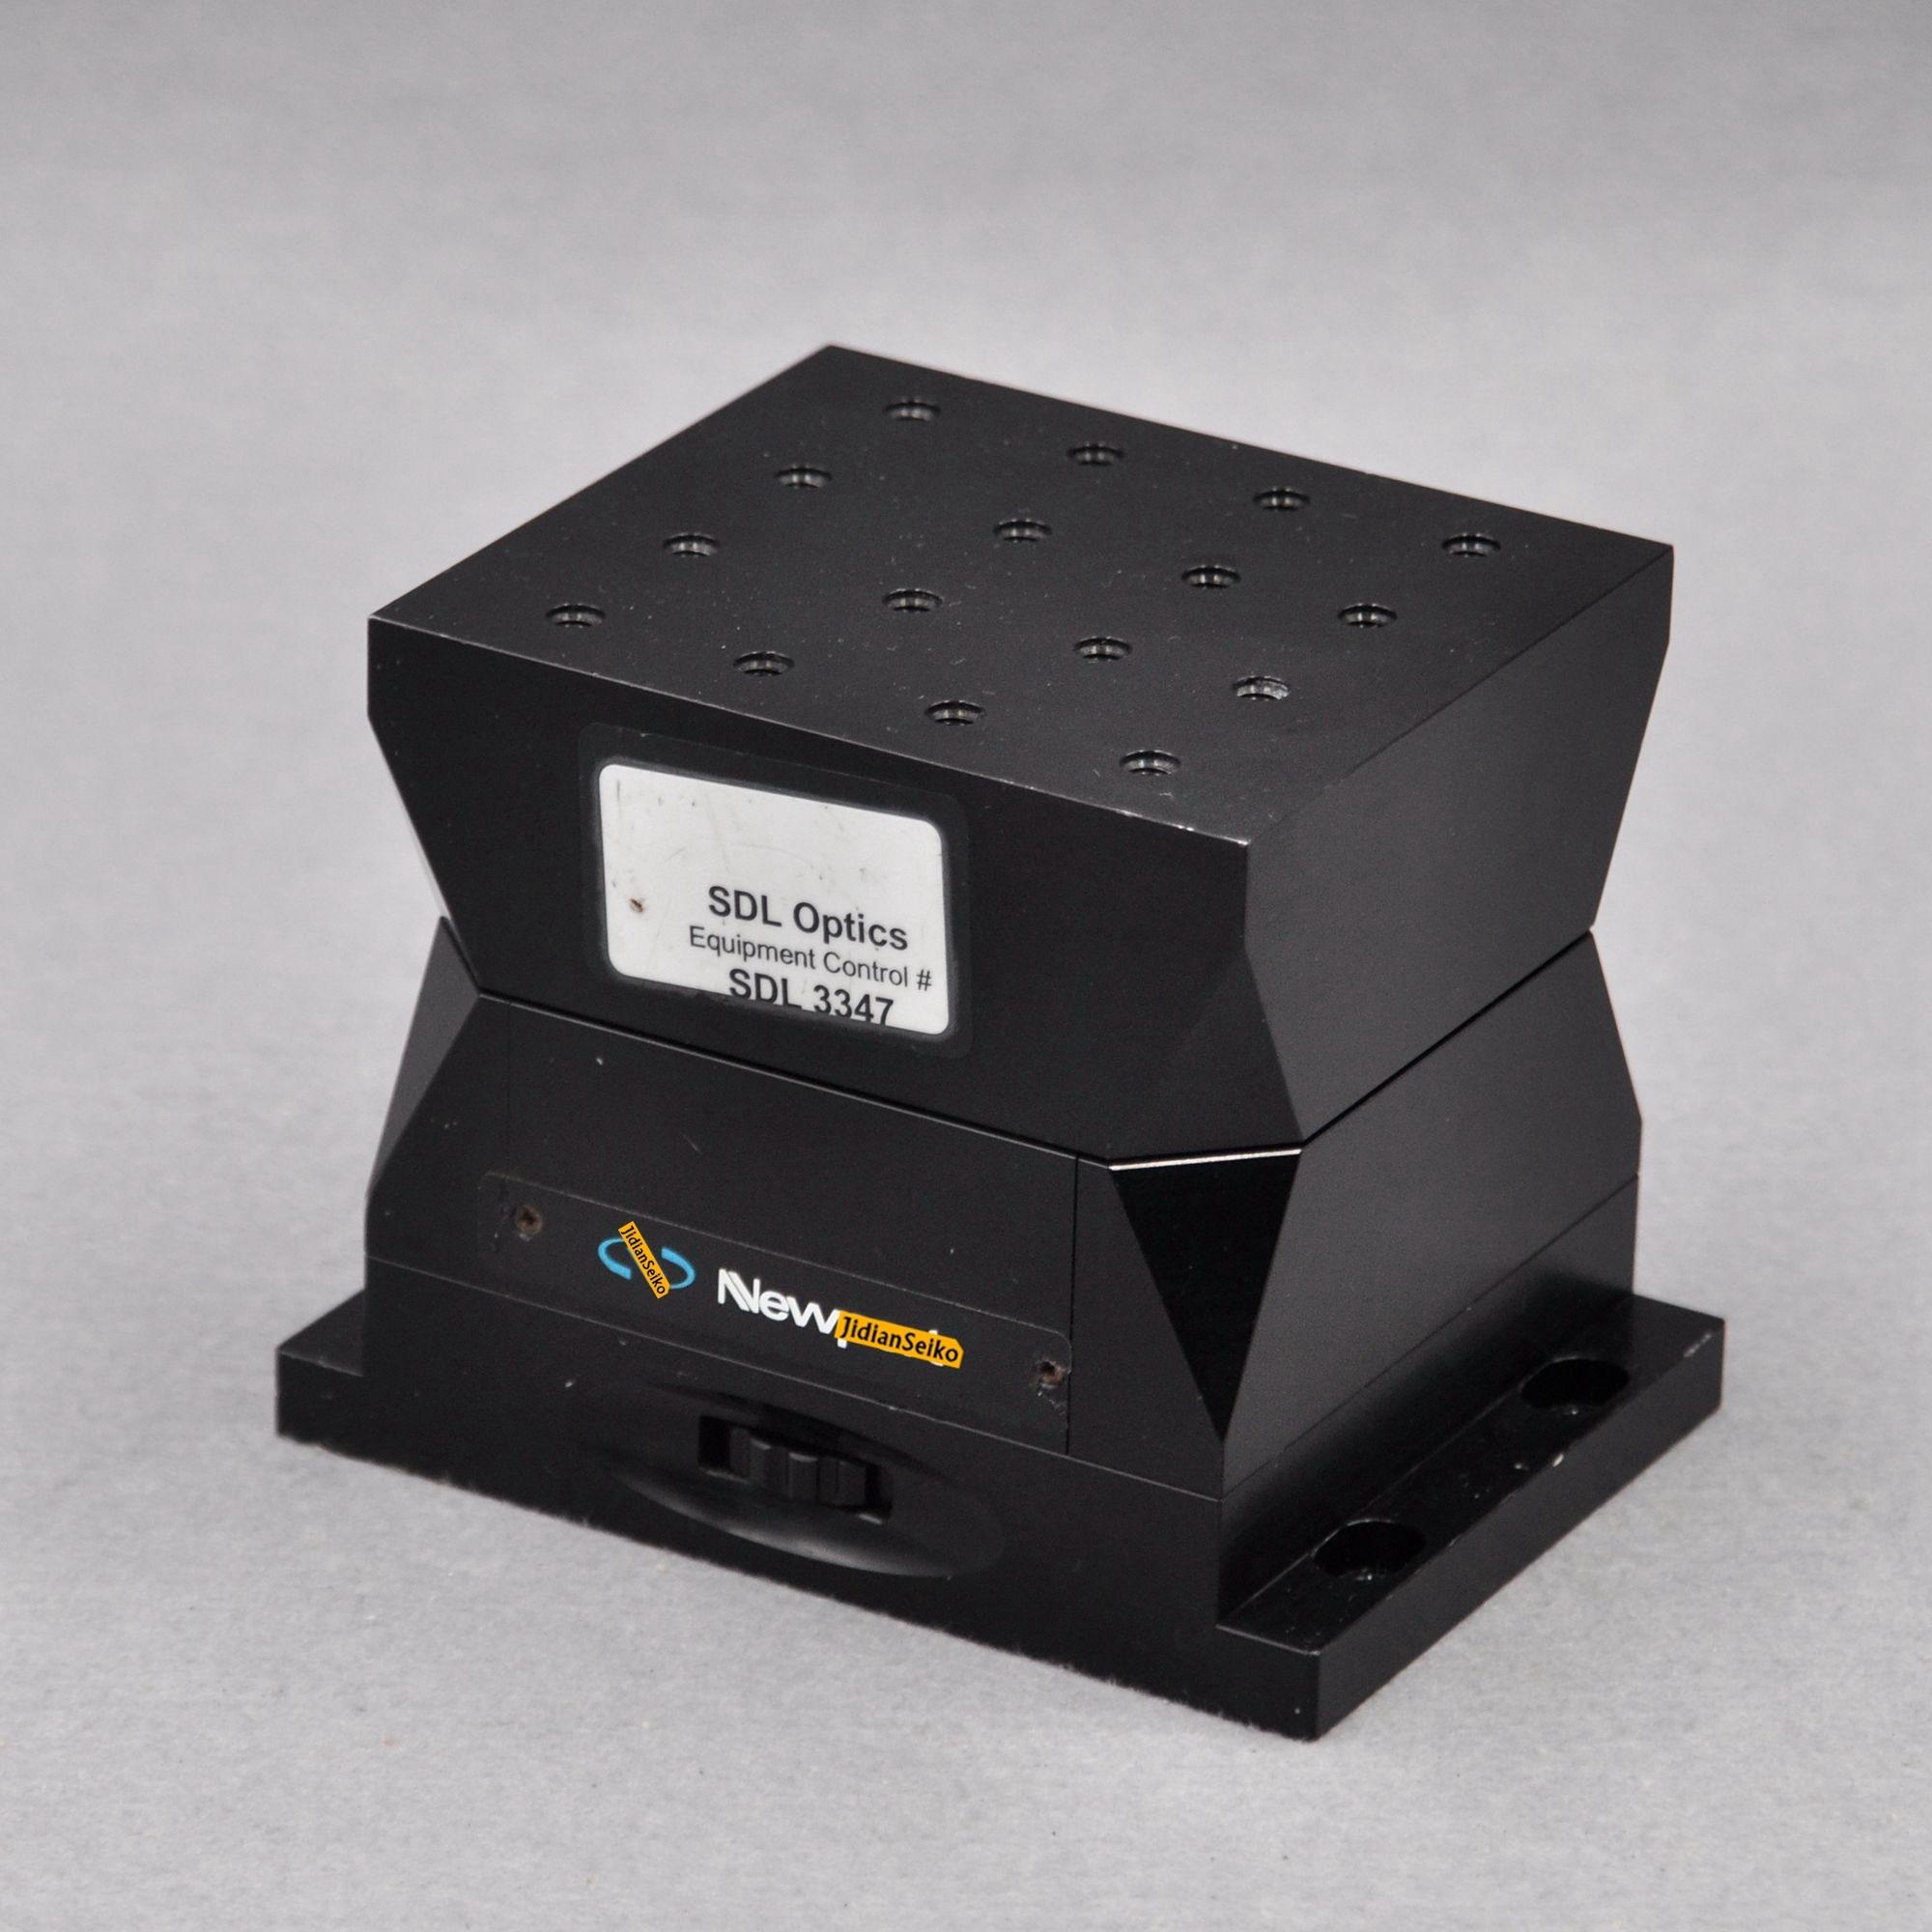 SDL3347 MPMV10148m البصرية X-محور أحادي الأبعاد دليل الكهربائية عالية الدقة التشريد الشريحة